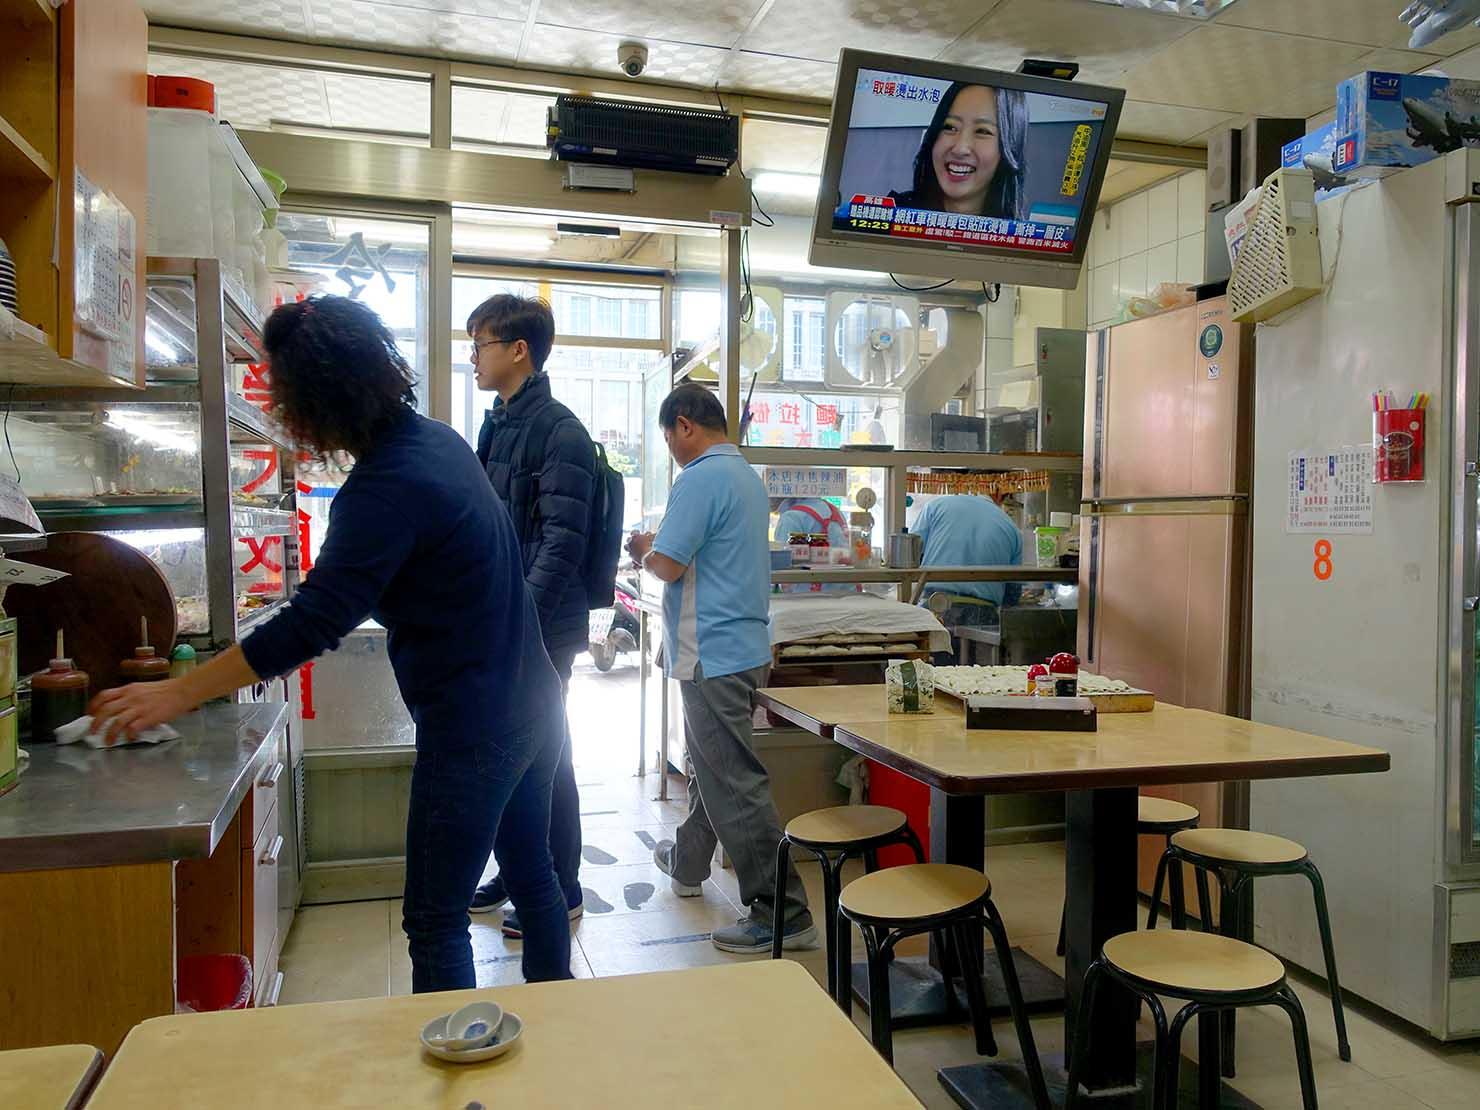 台北101エリア・市政府駅周辺のおすすめ台湾グルメ「小樂天餃子館」の店内